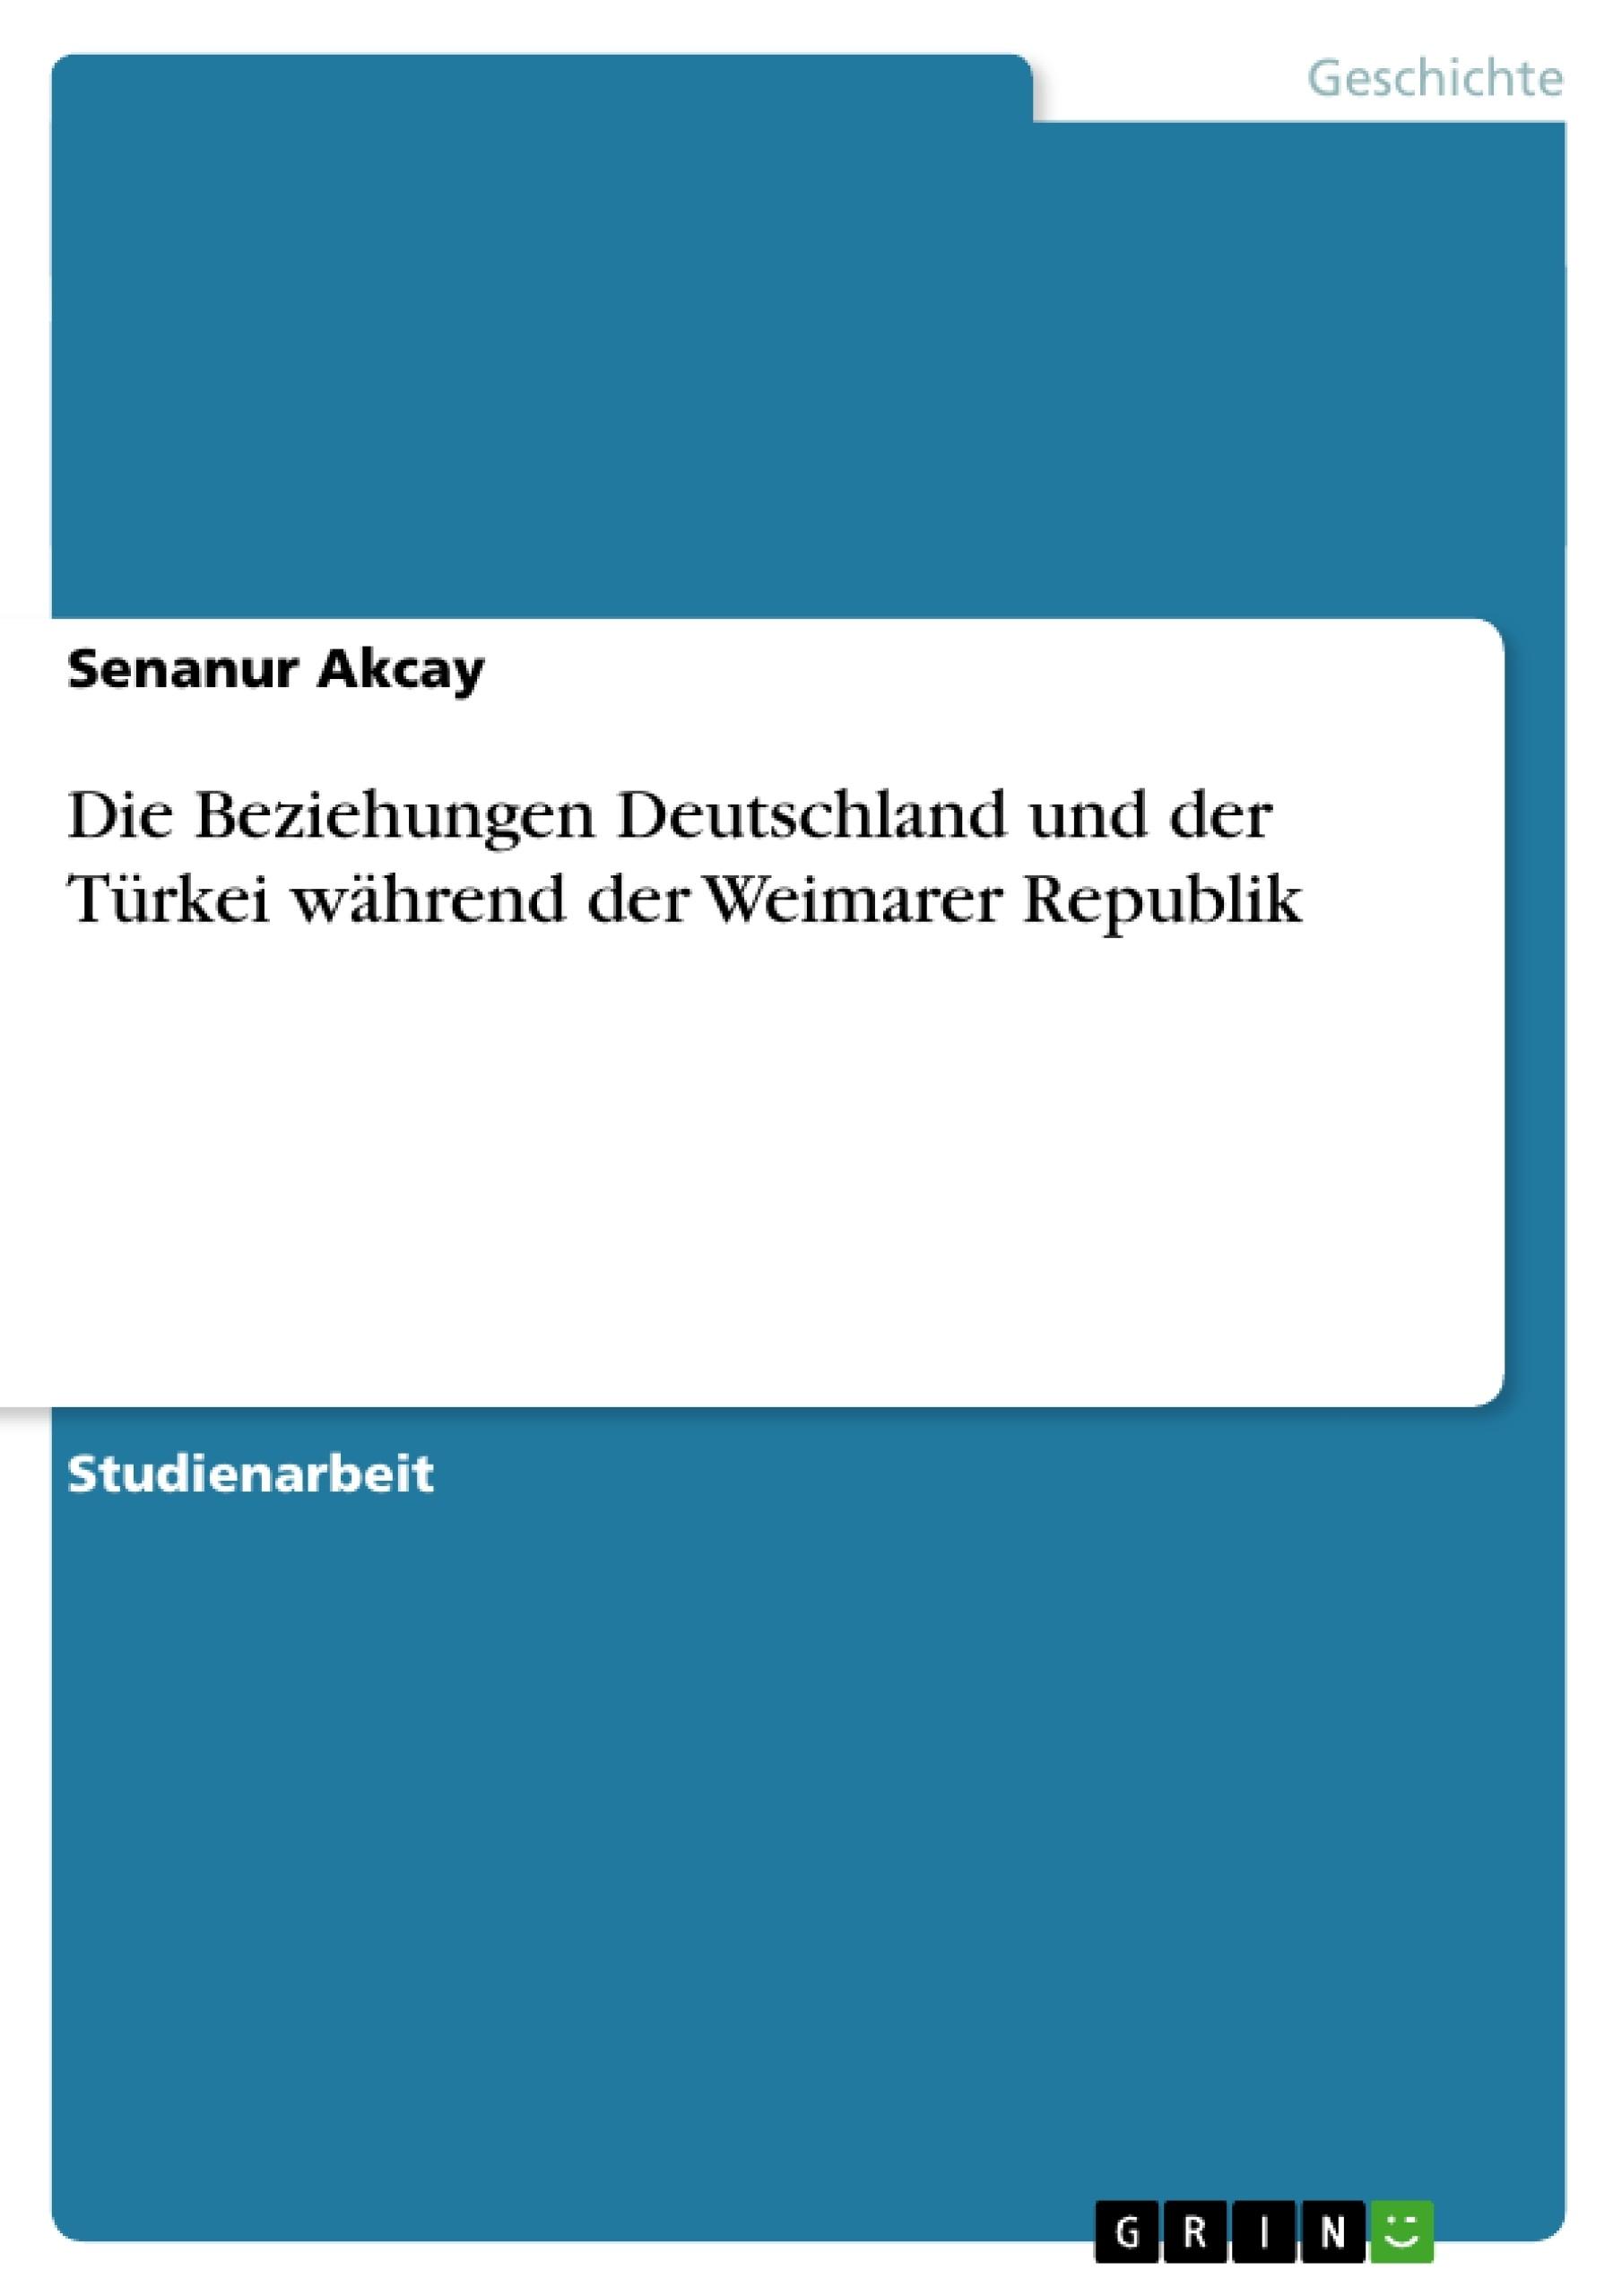 Titel: Die Beziehungen Deutschland und der Türkei während der Weimarer Republik